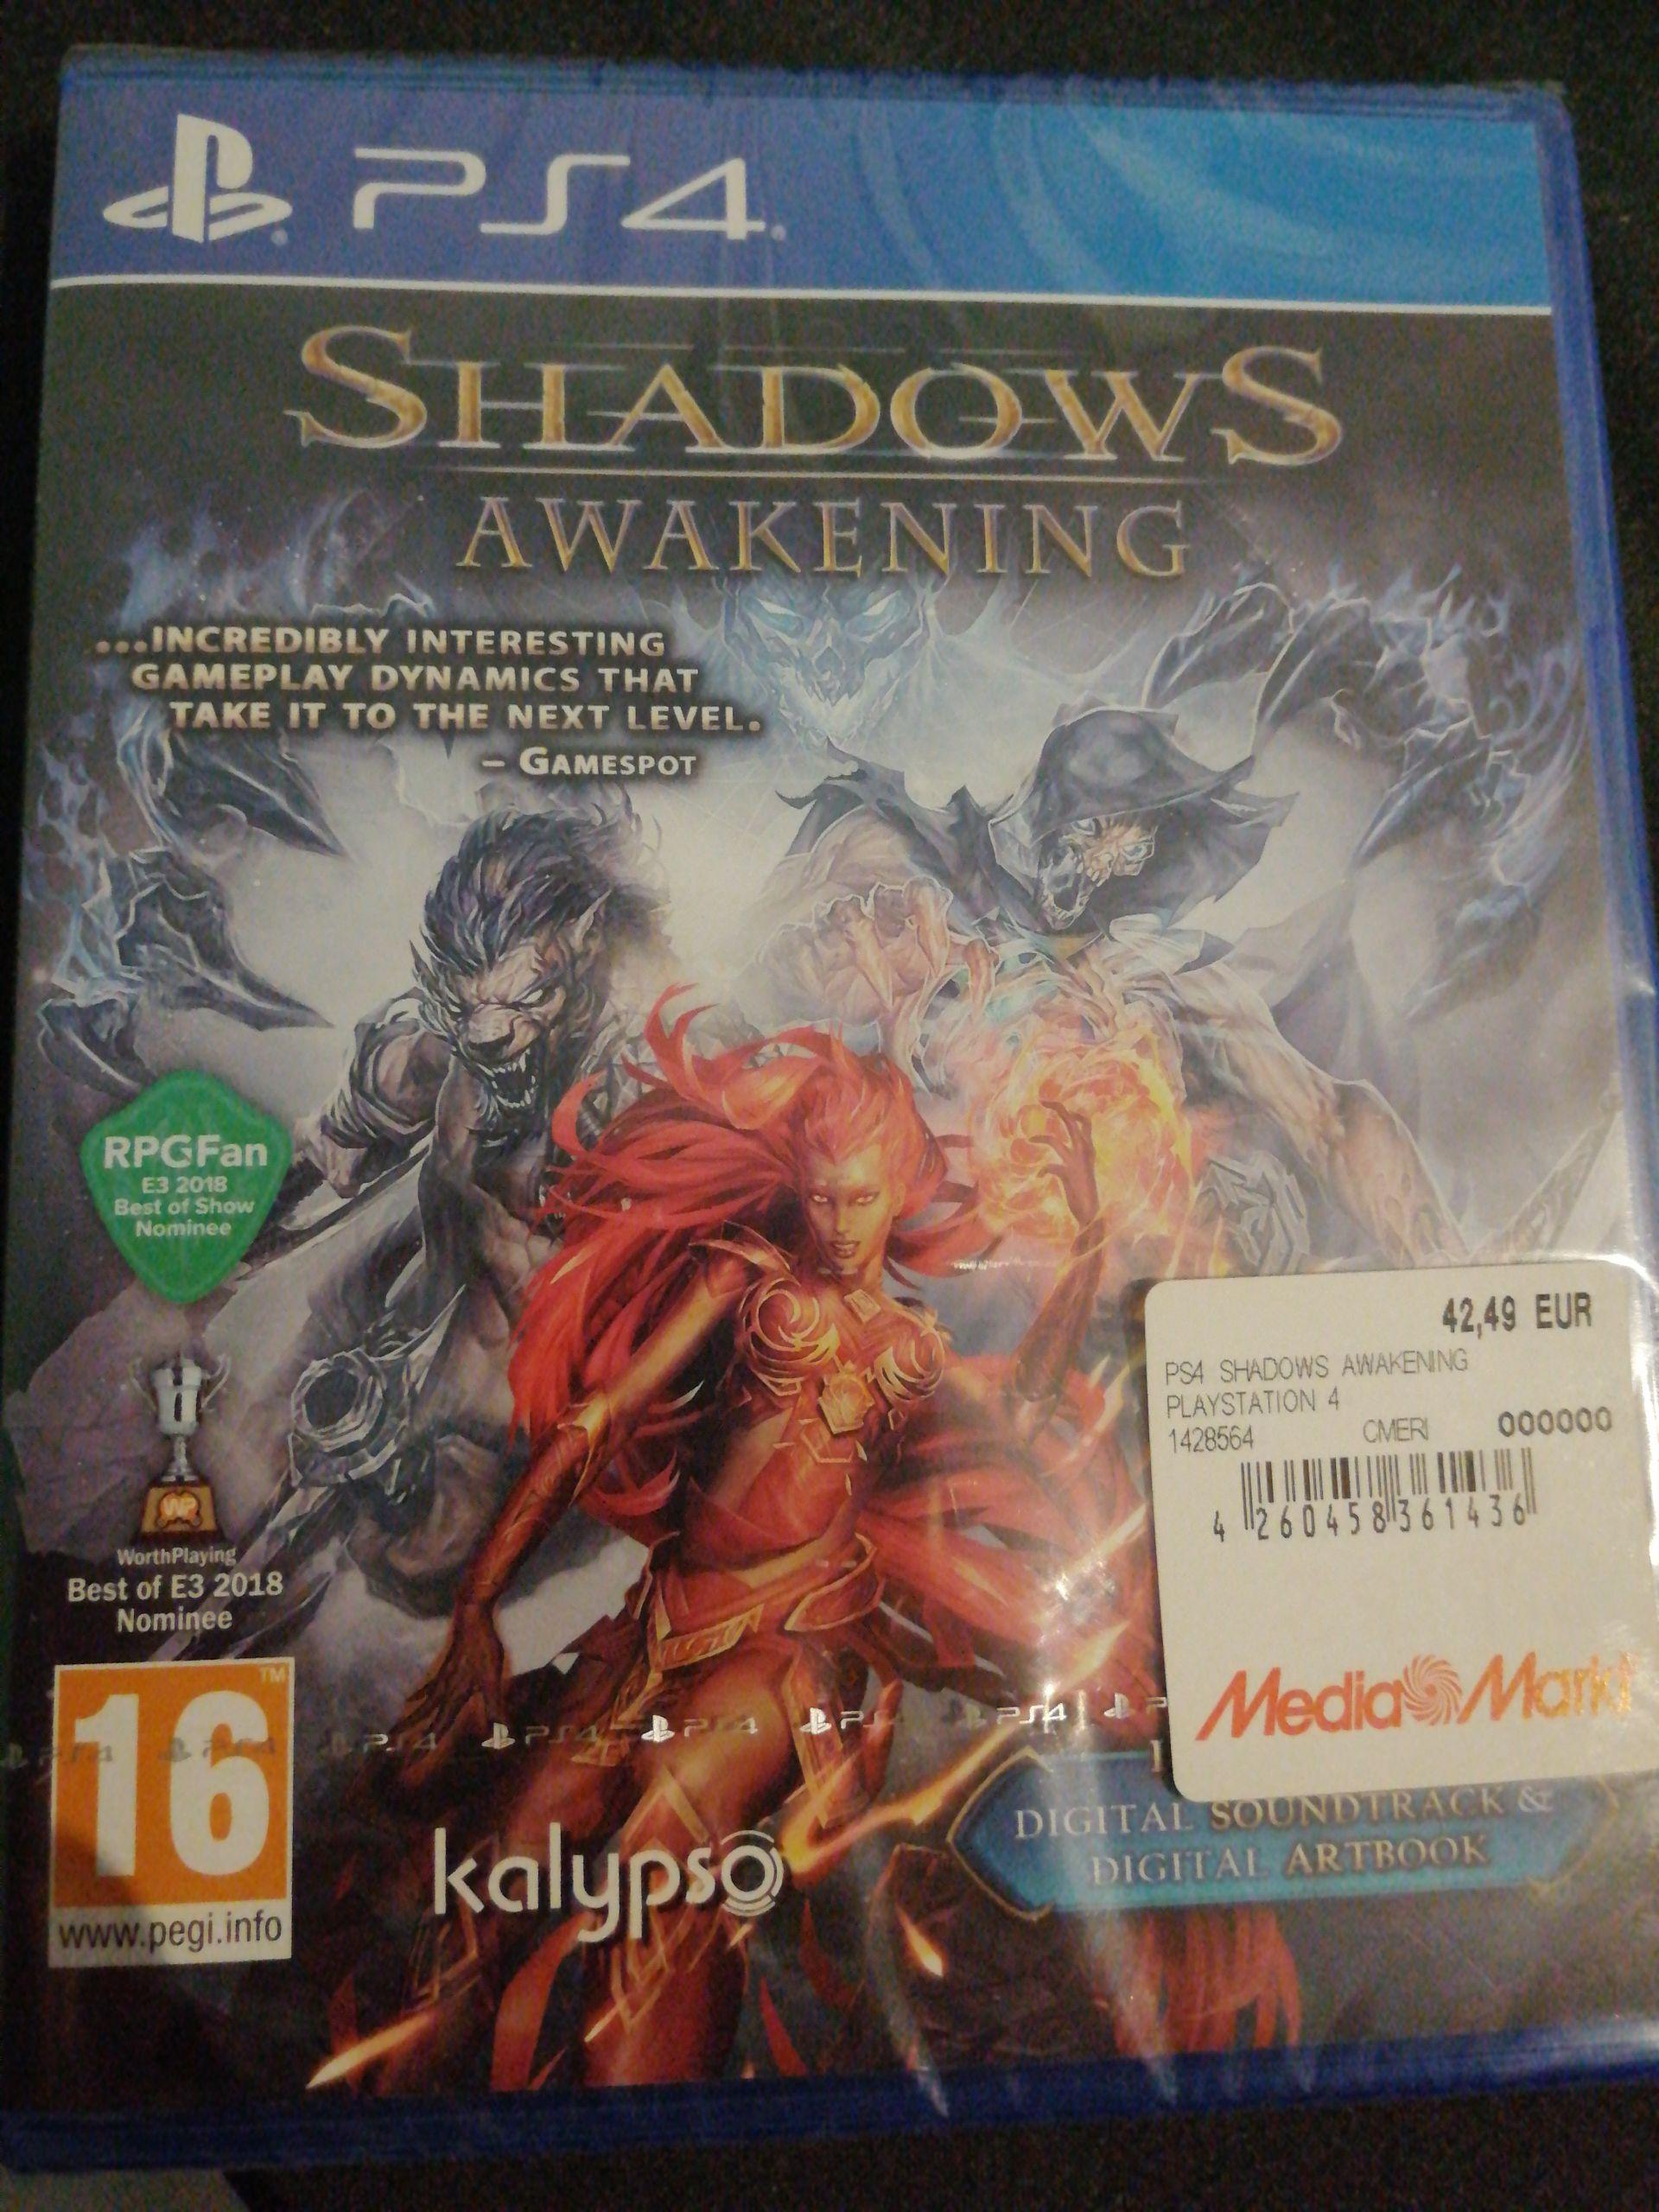 Shadows Awakening PS4 en mediamarkt Lleida